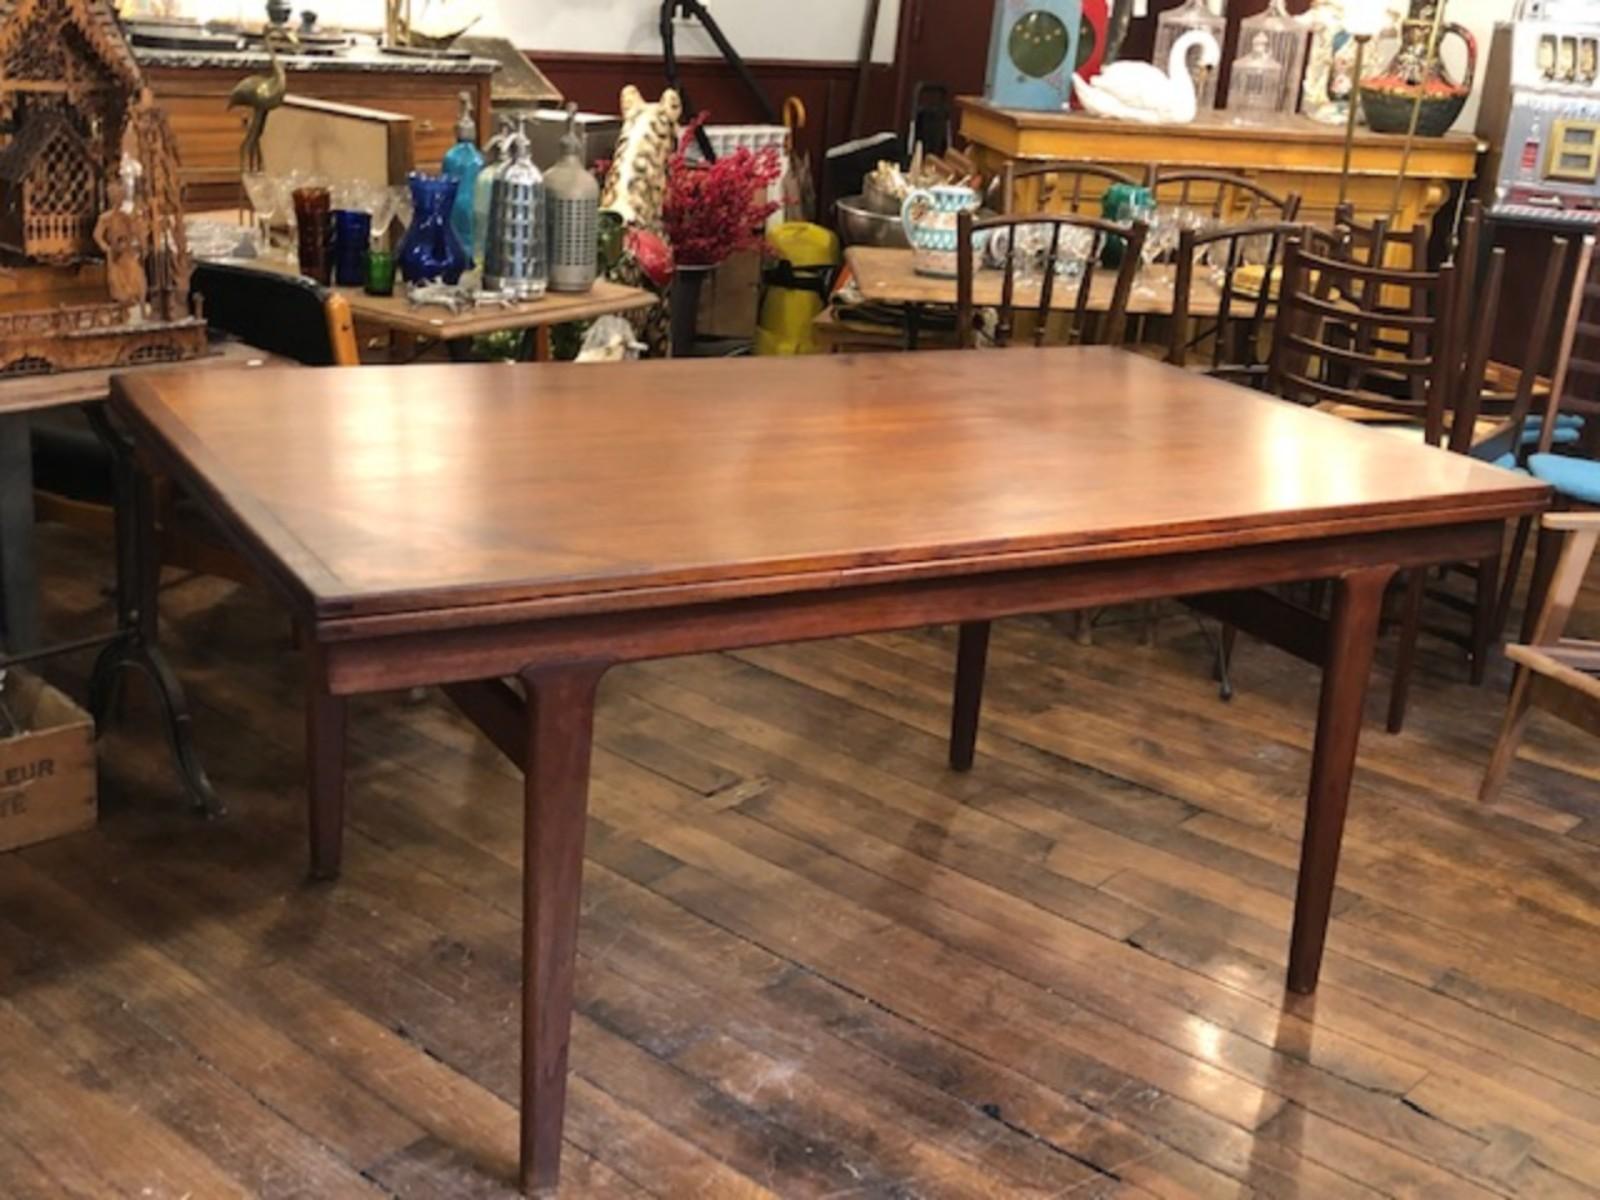 Table rallonges scandinave en palissandre et teck Table scandinave avec rallonge